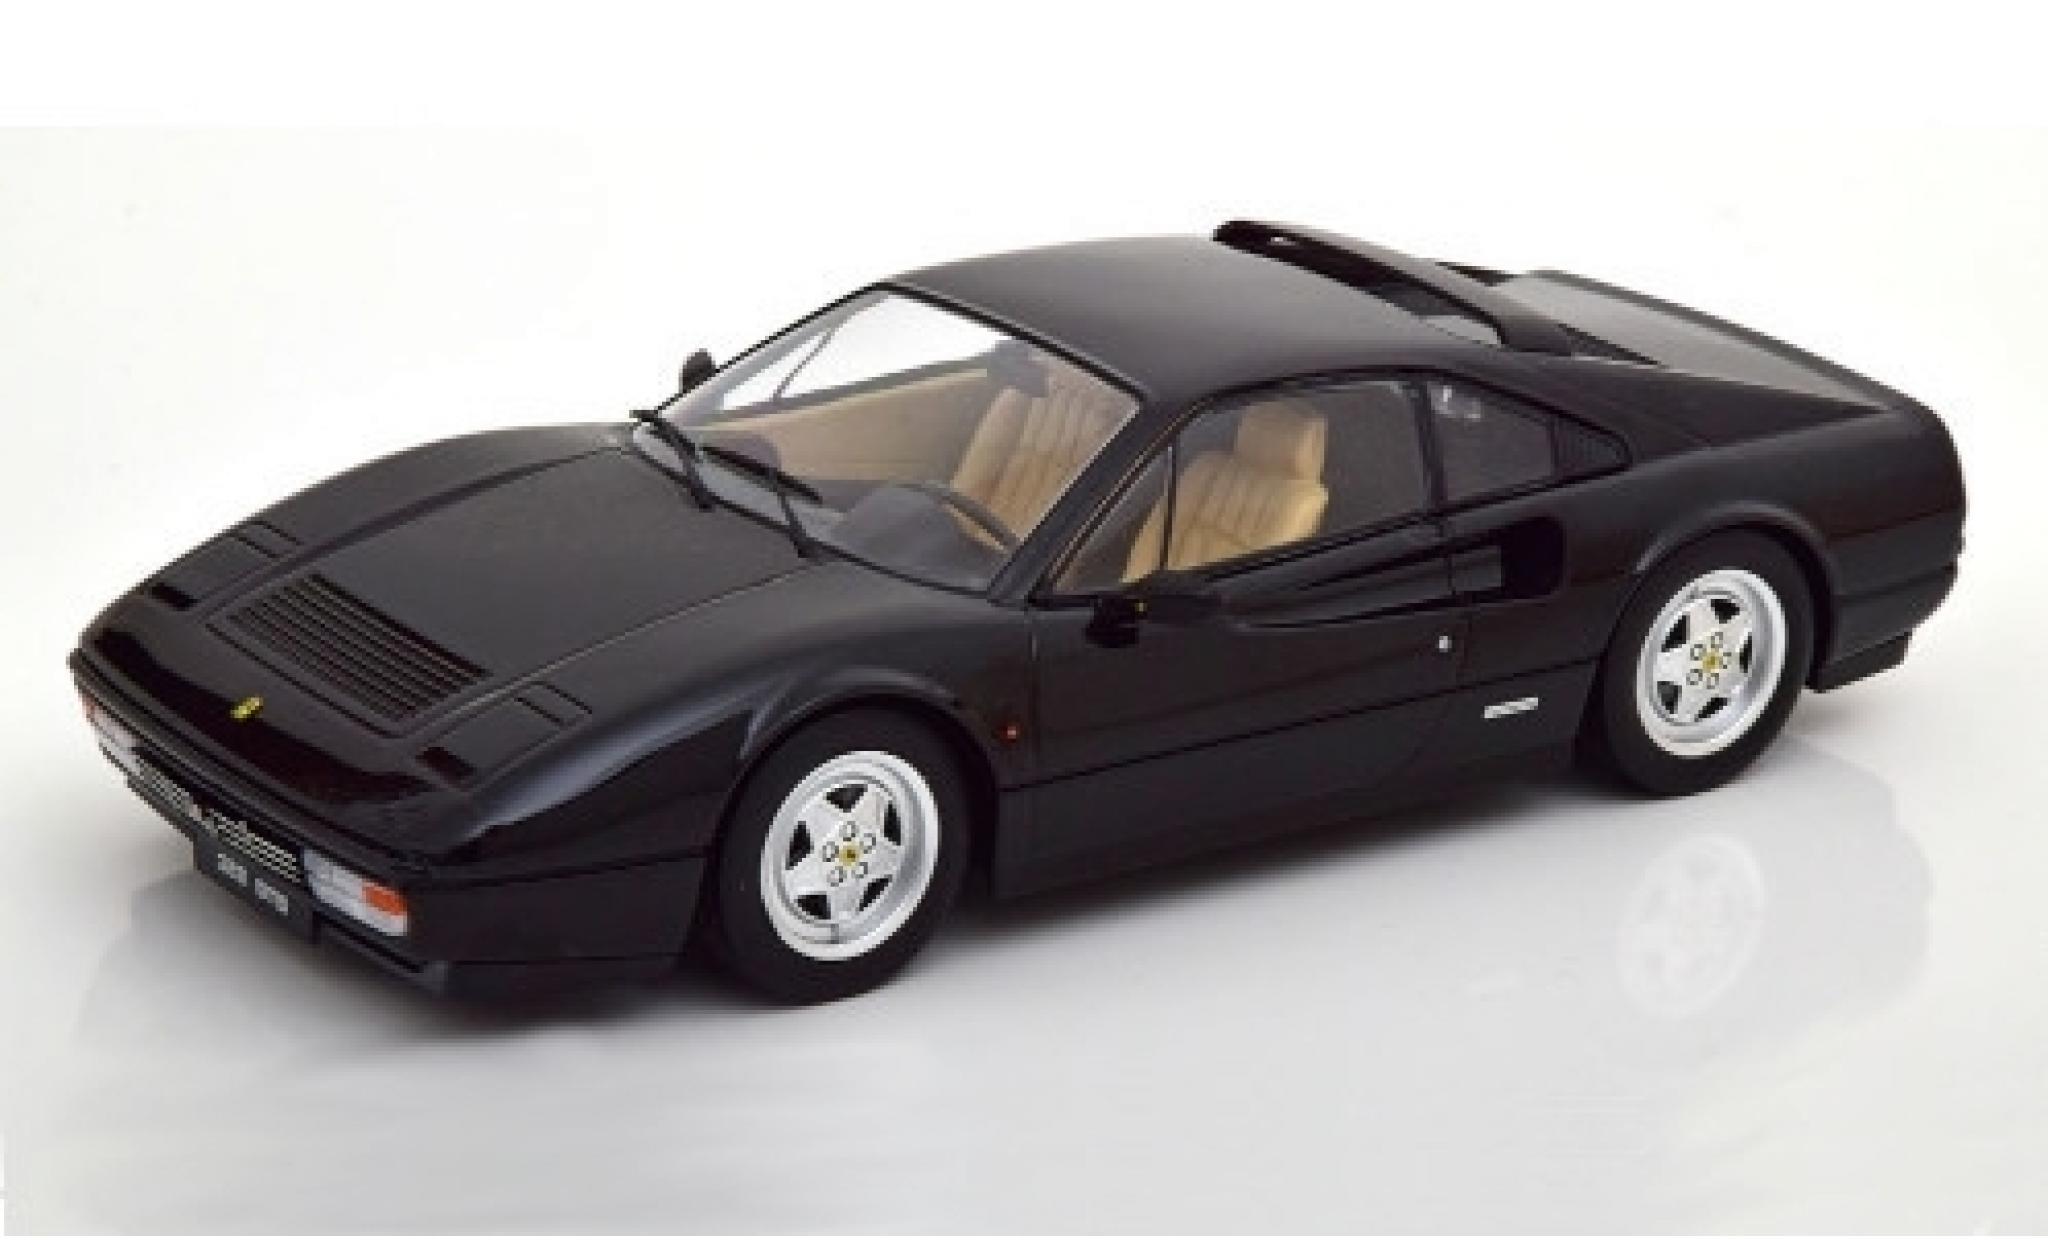 Ferrari 328 1/18 KK Scale GTB black 1985